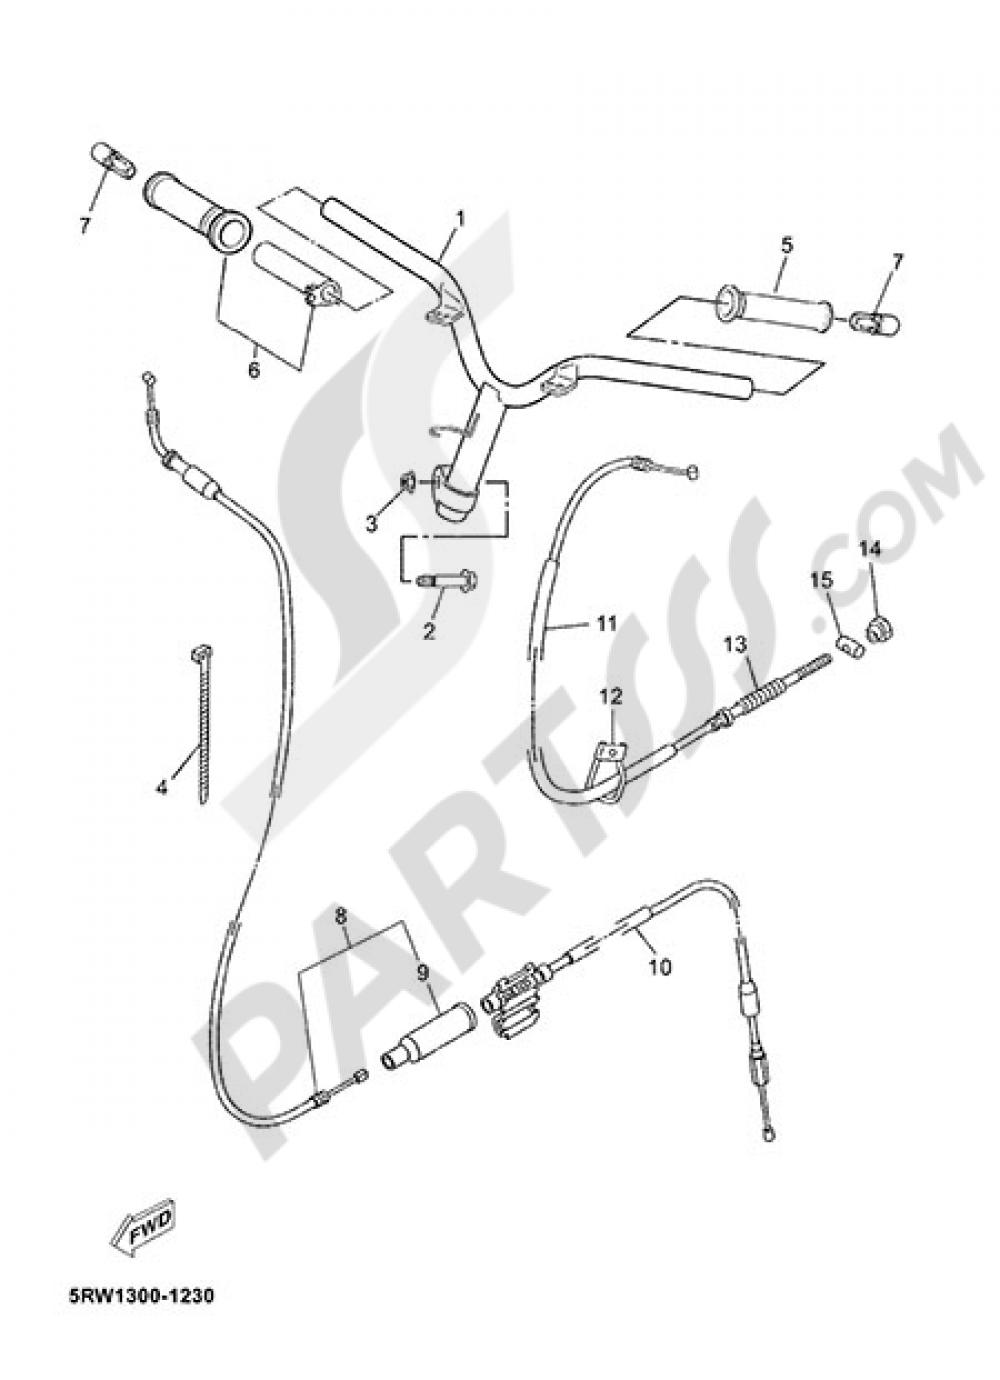 HANDELBAR AND CABLES Yamaha Jog RR 2015